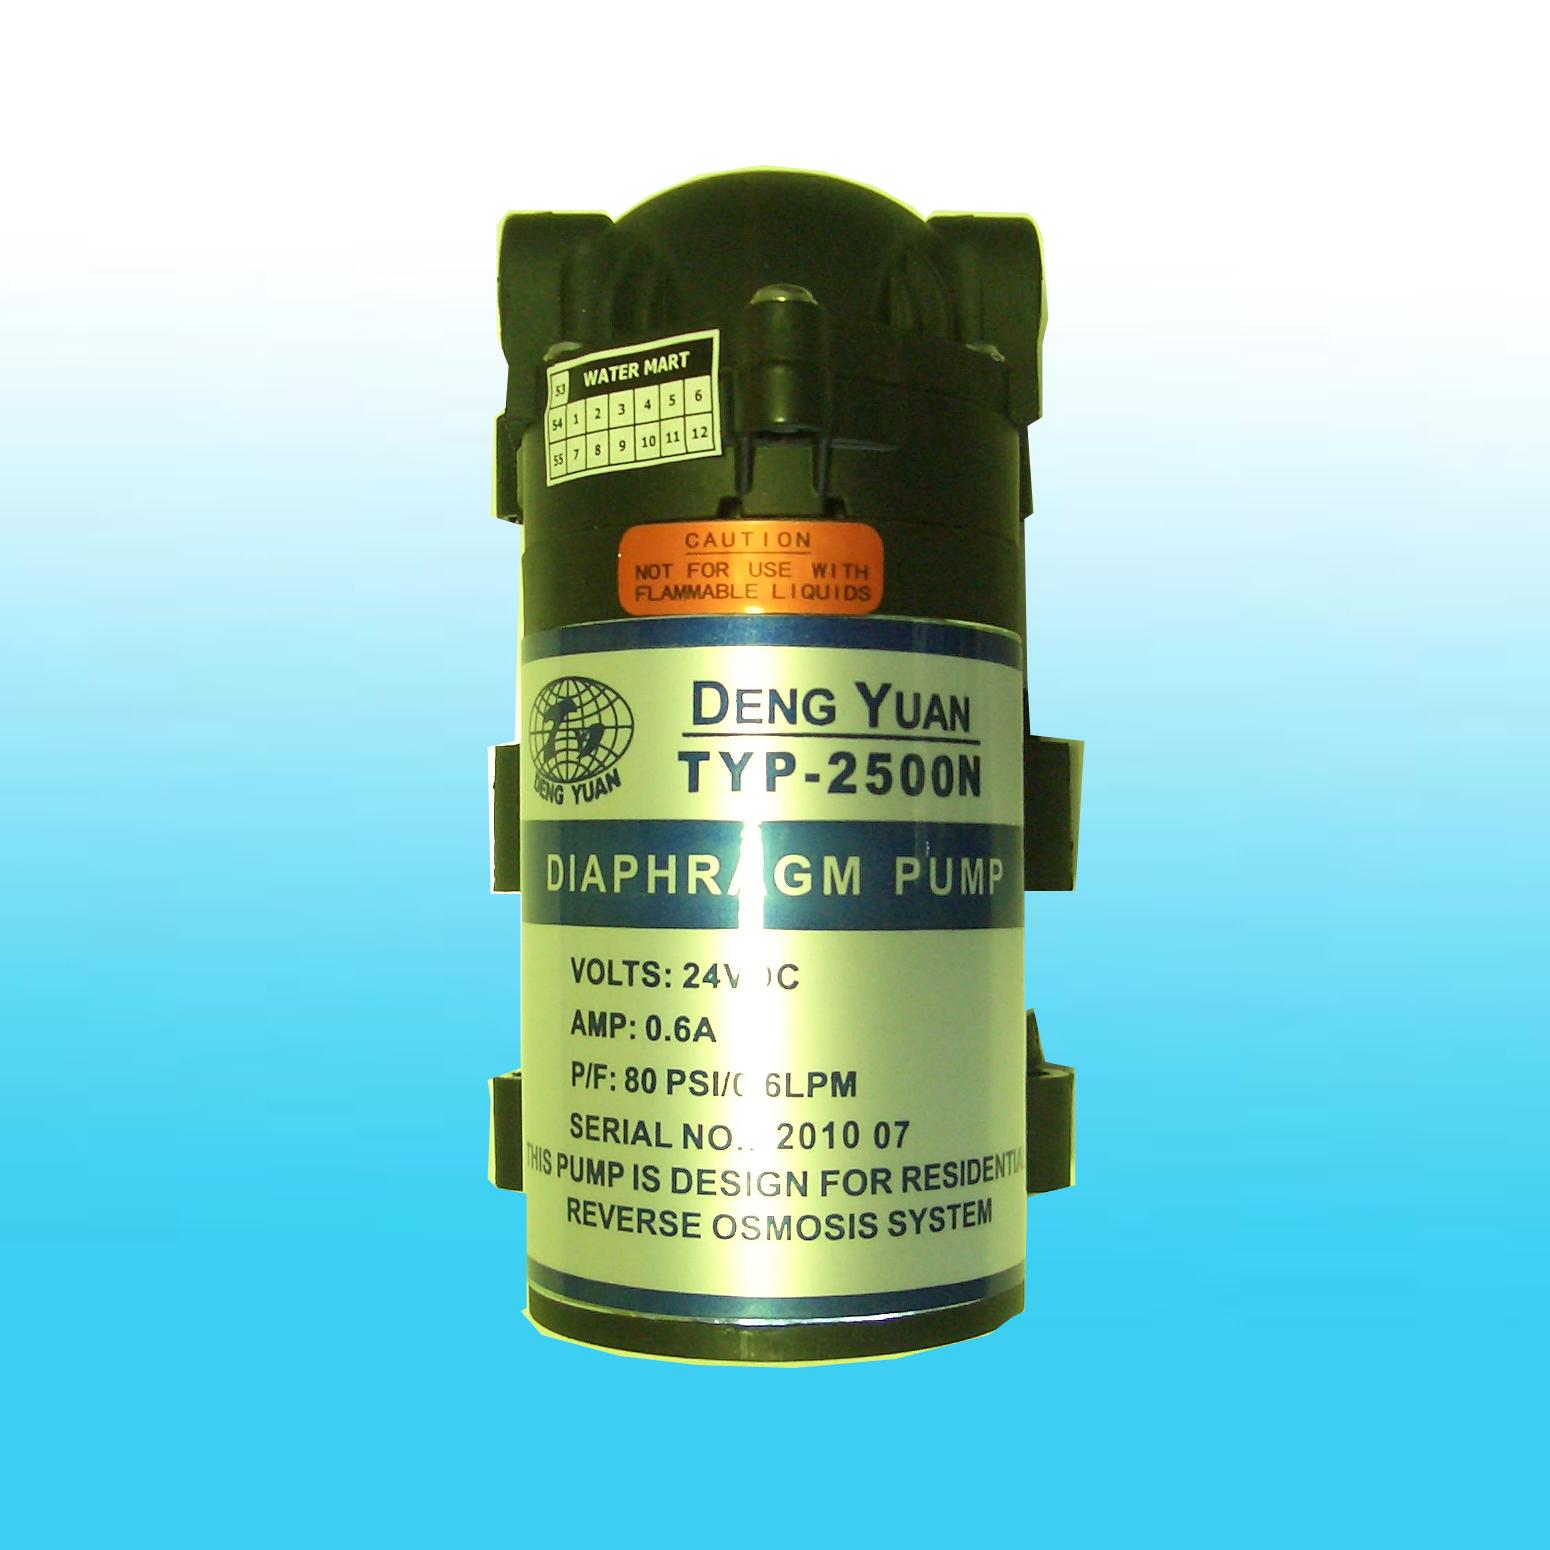 ปั๊มอัดเมมเบรน Pump DENG YUAN TYP2500N 50-75 GPD